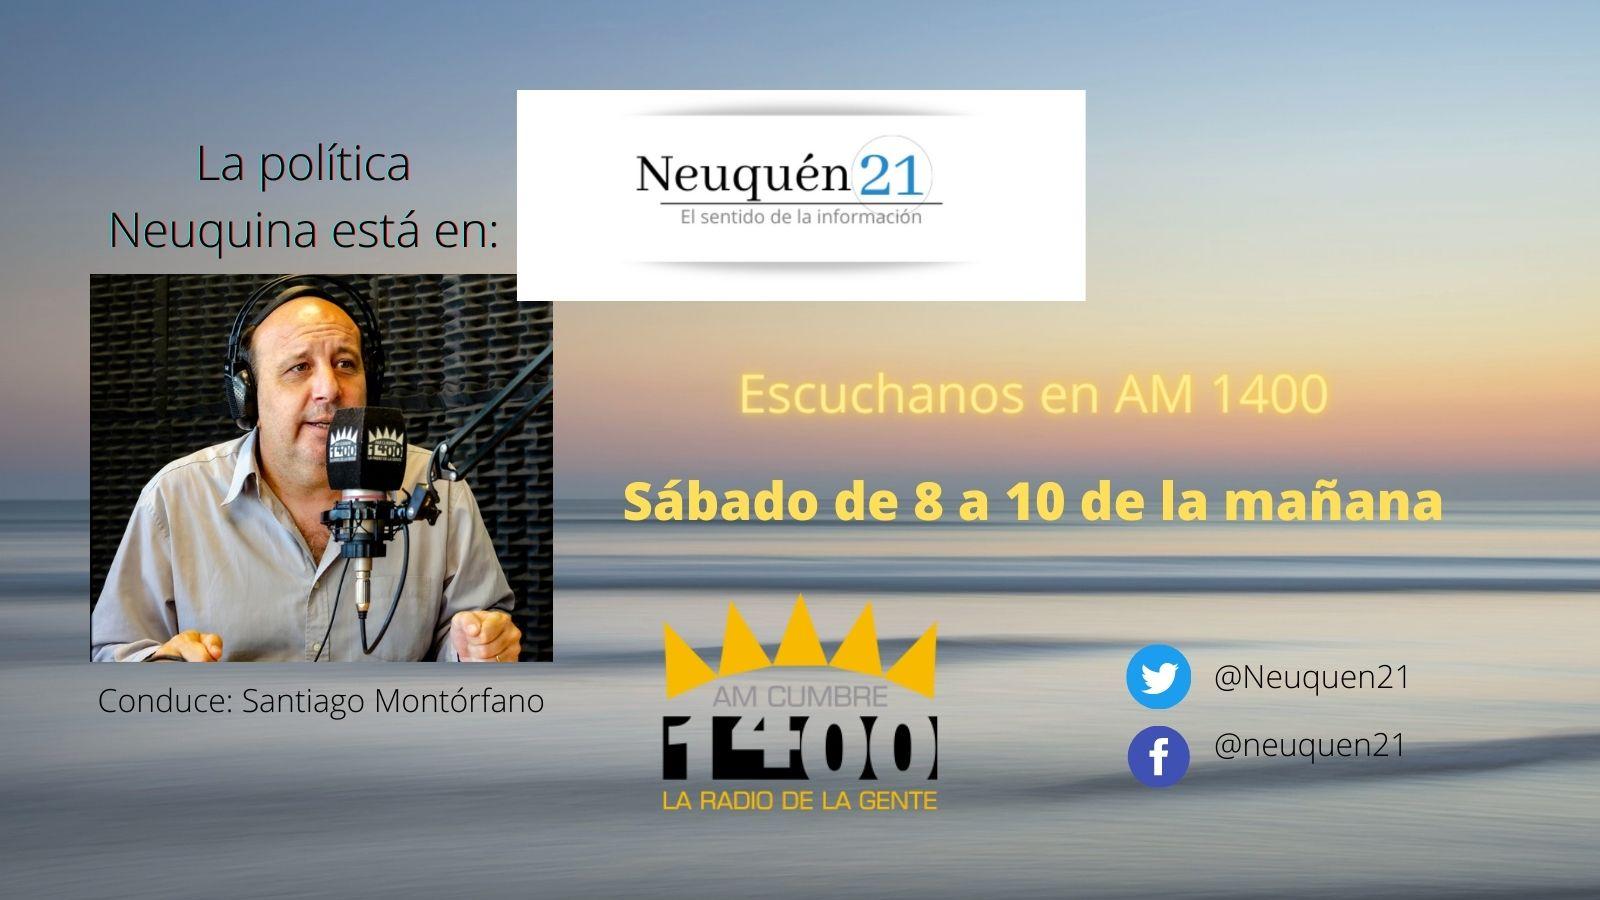 Programa de Radio Neuquén 21 AM Cumbre Neuquén año 2021